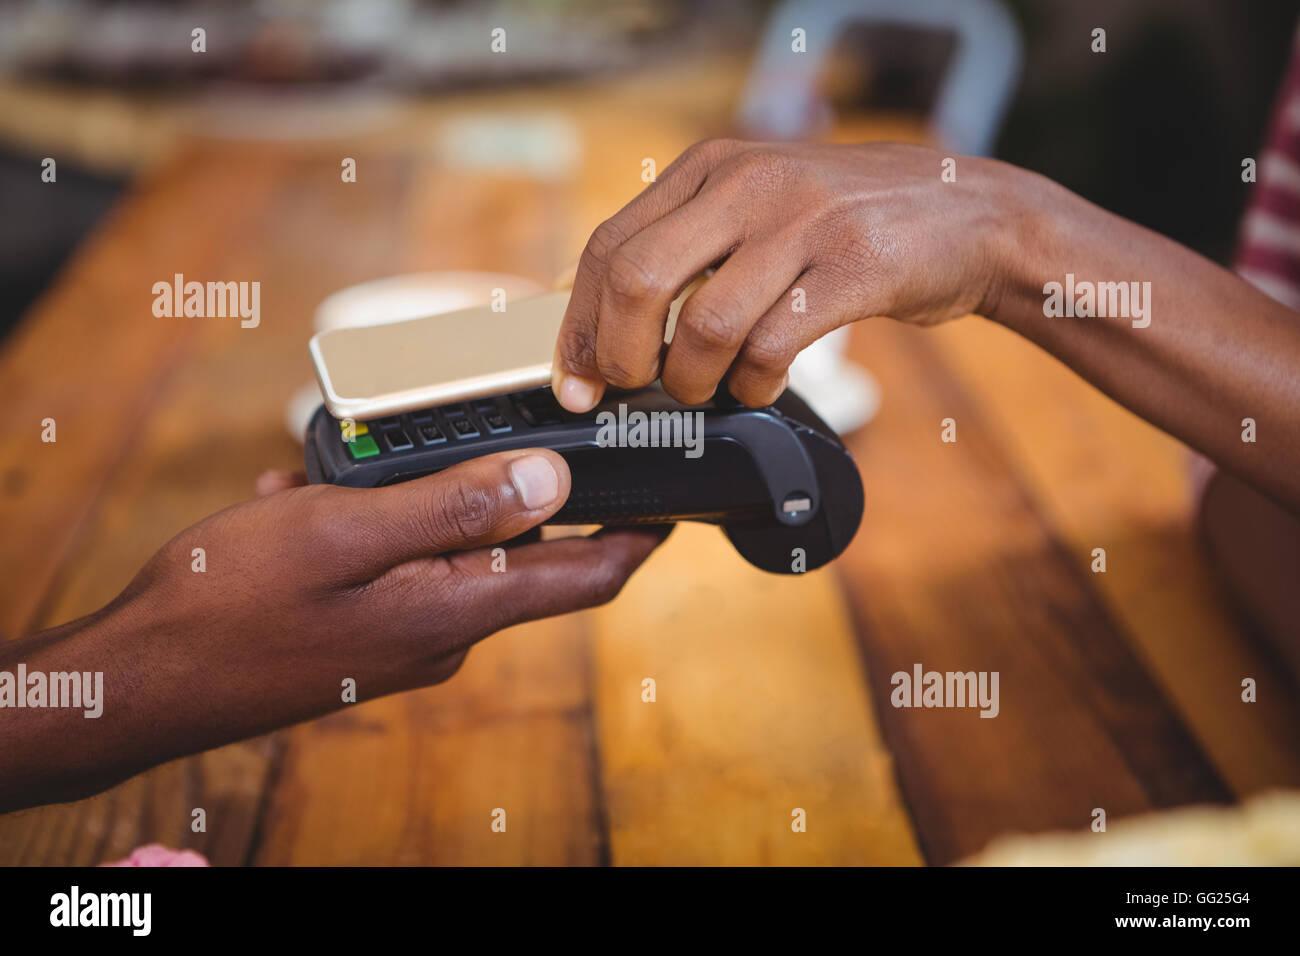 Frau von der Zahlung der Rechnung durch Smartphone mit nfc-Technologie Stockfoto